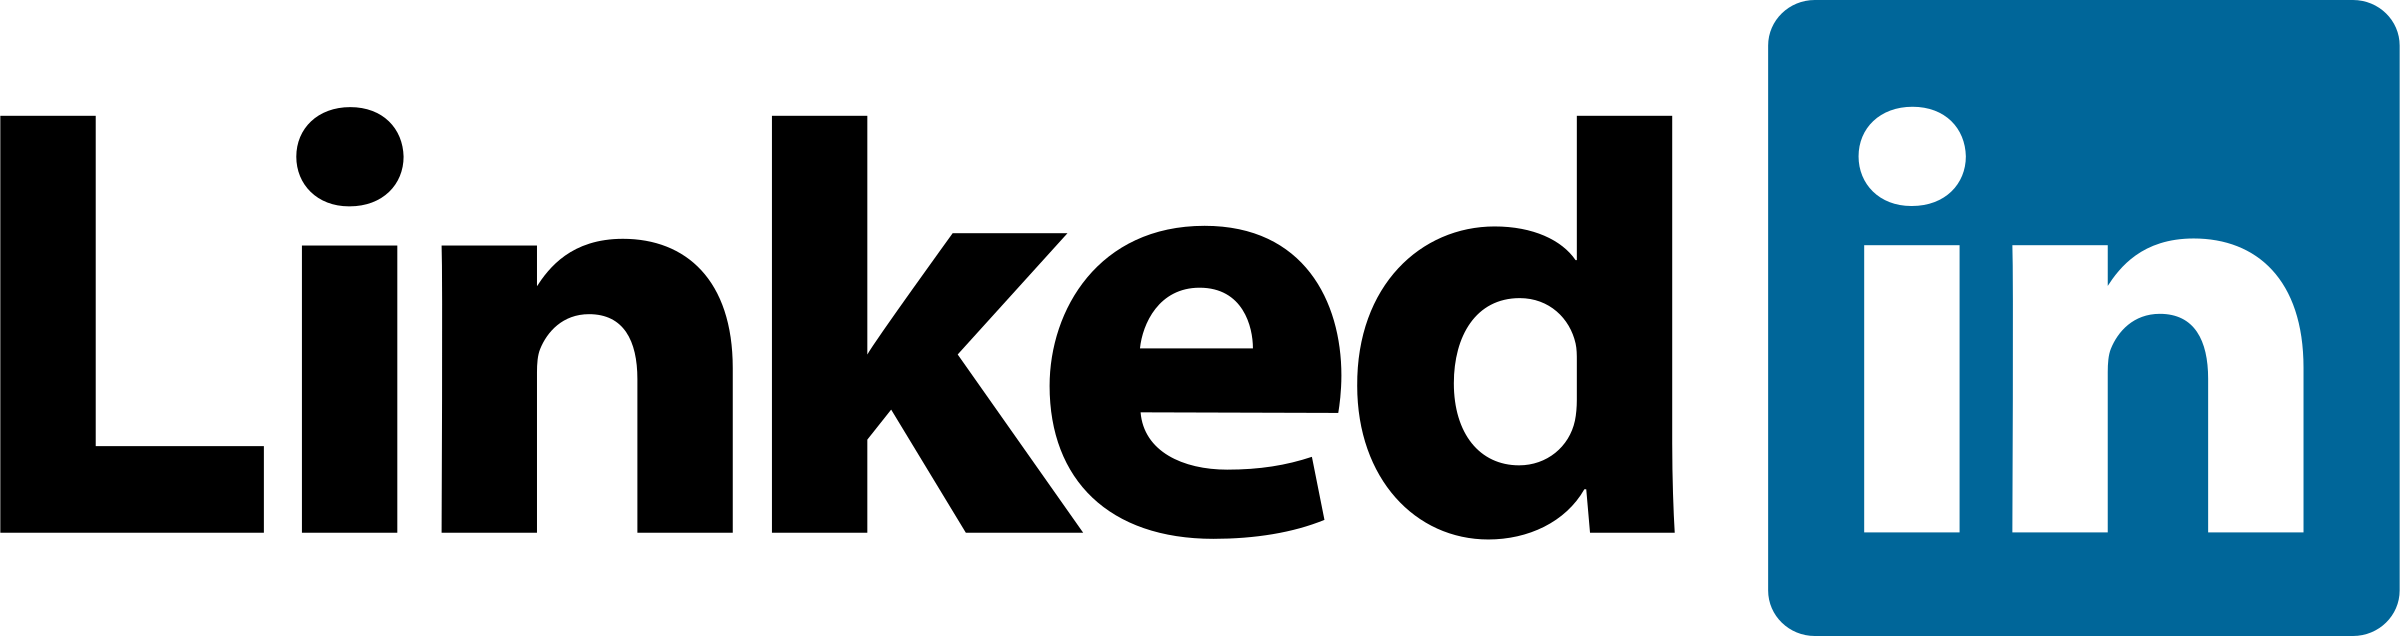 LinkedIn Logo PNG Transparent & SVG Vector - Freebie Supply